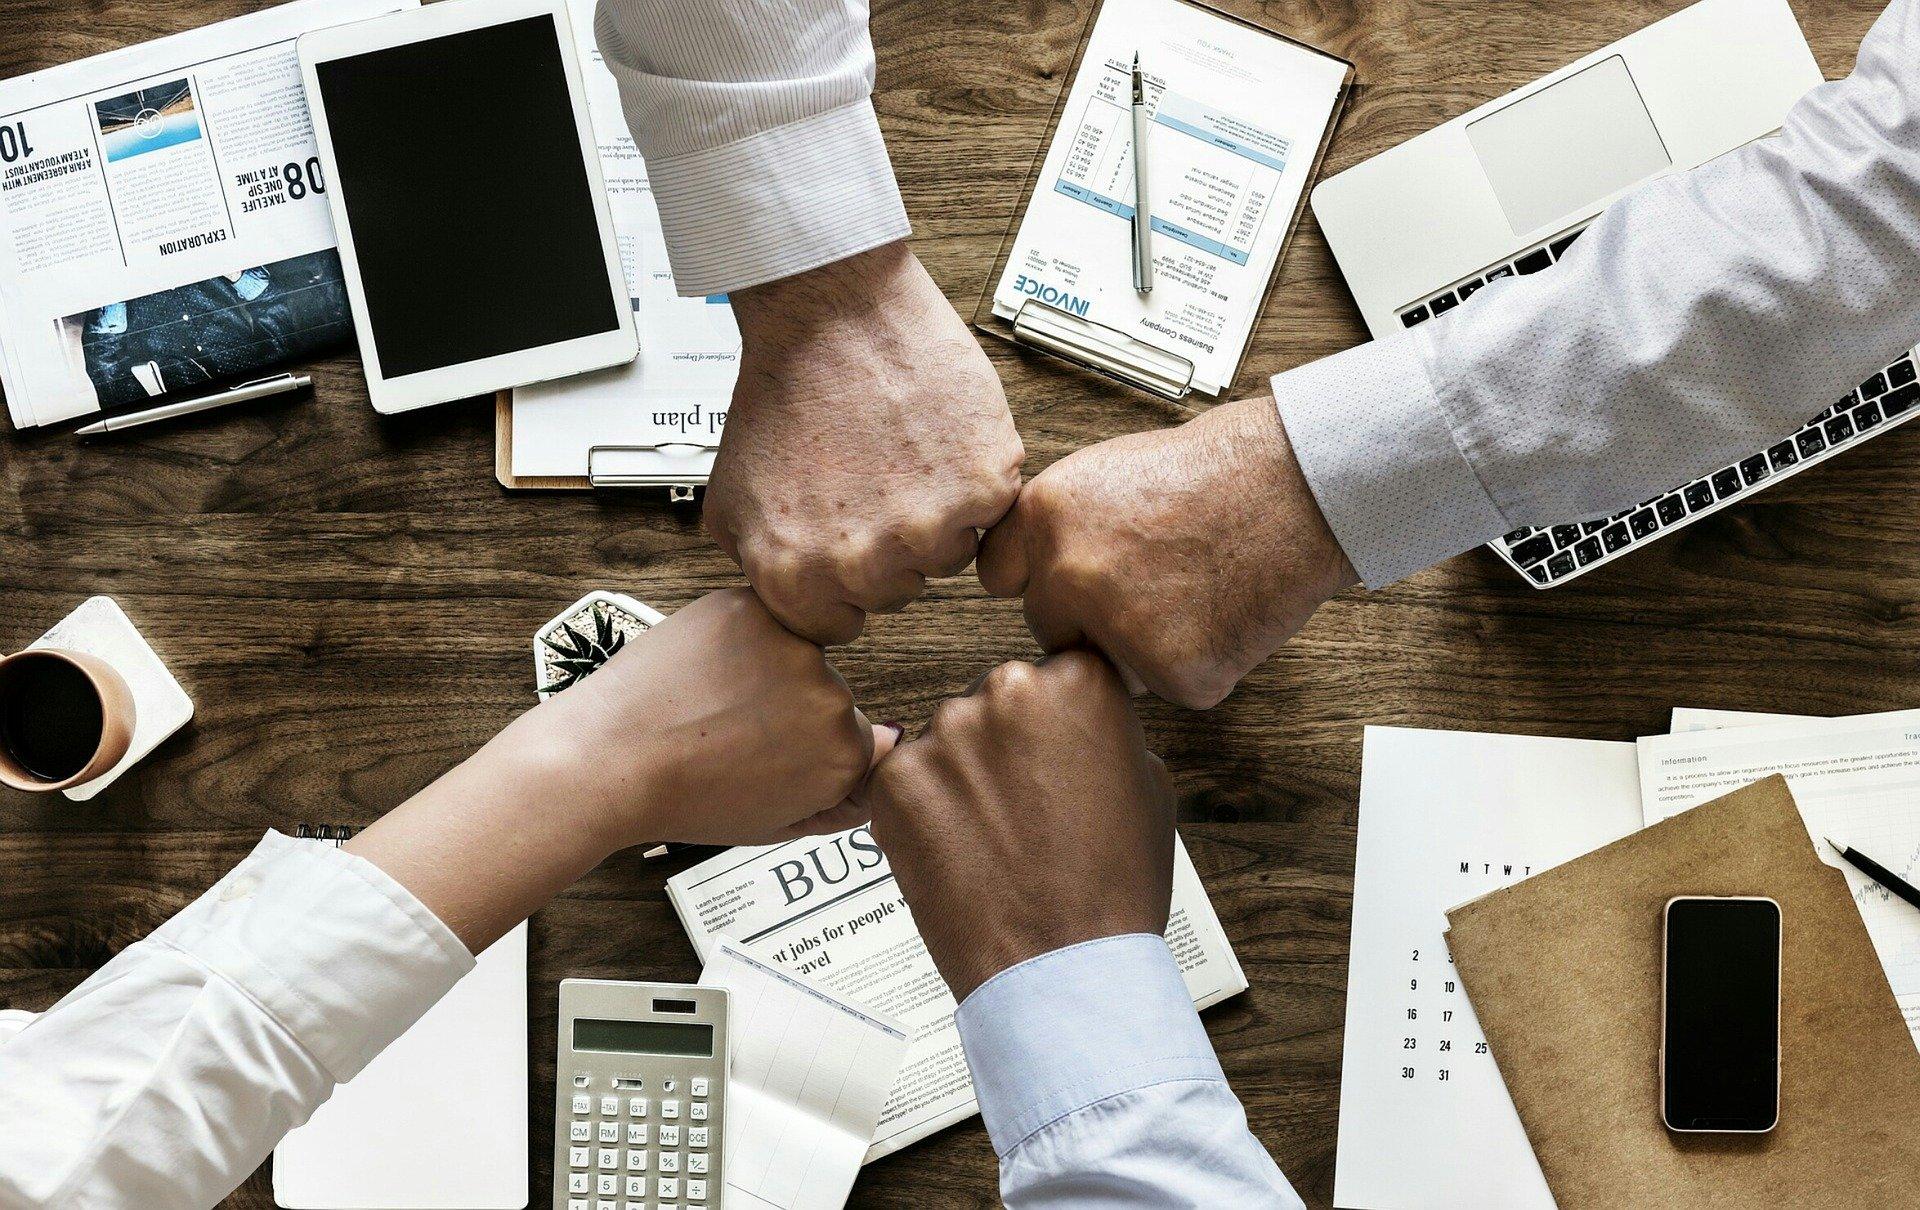 Libelium y Numéricco, la evolución de una marca hacia una nueva estrategia digital de negocio